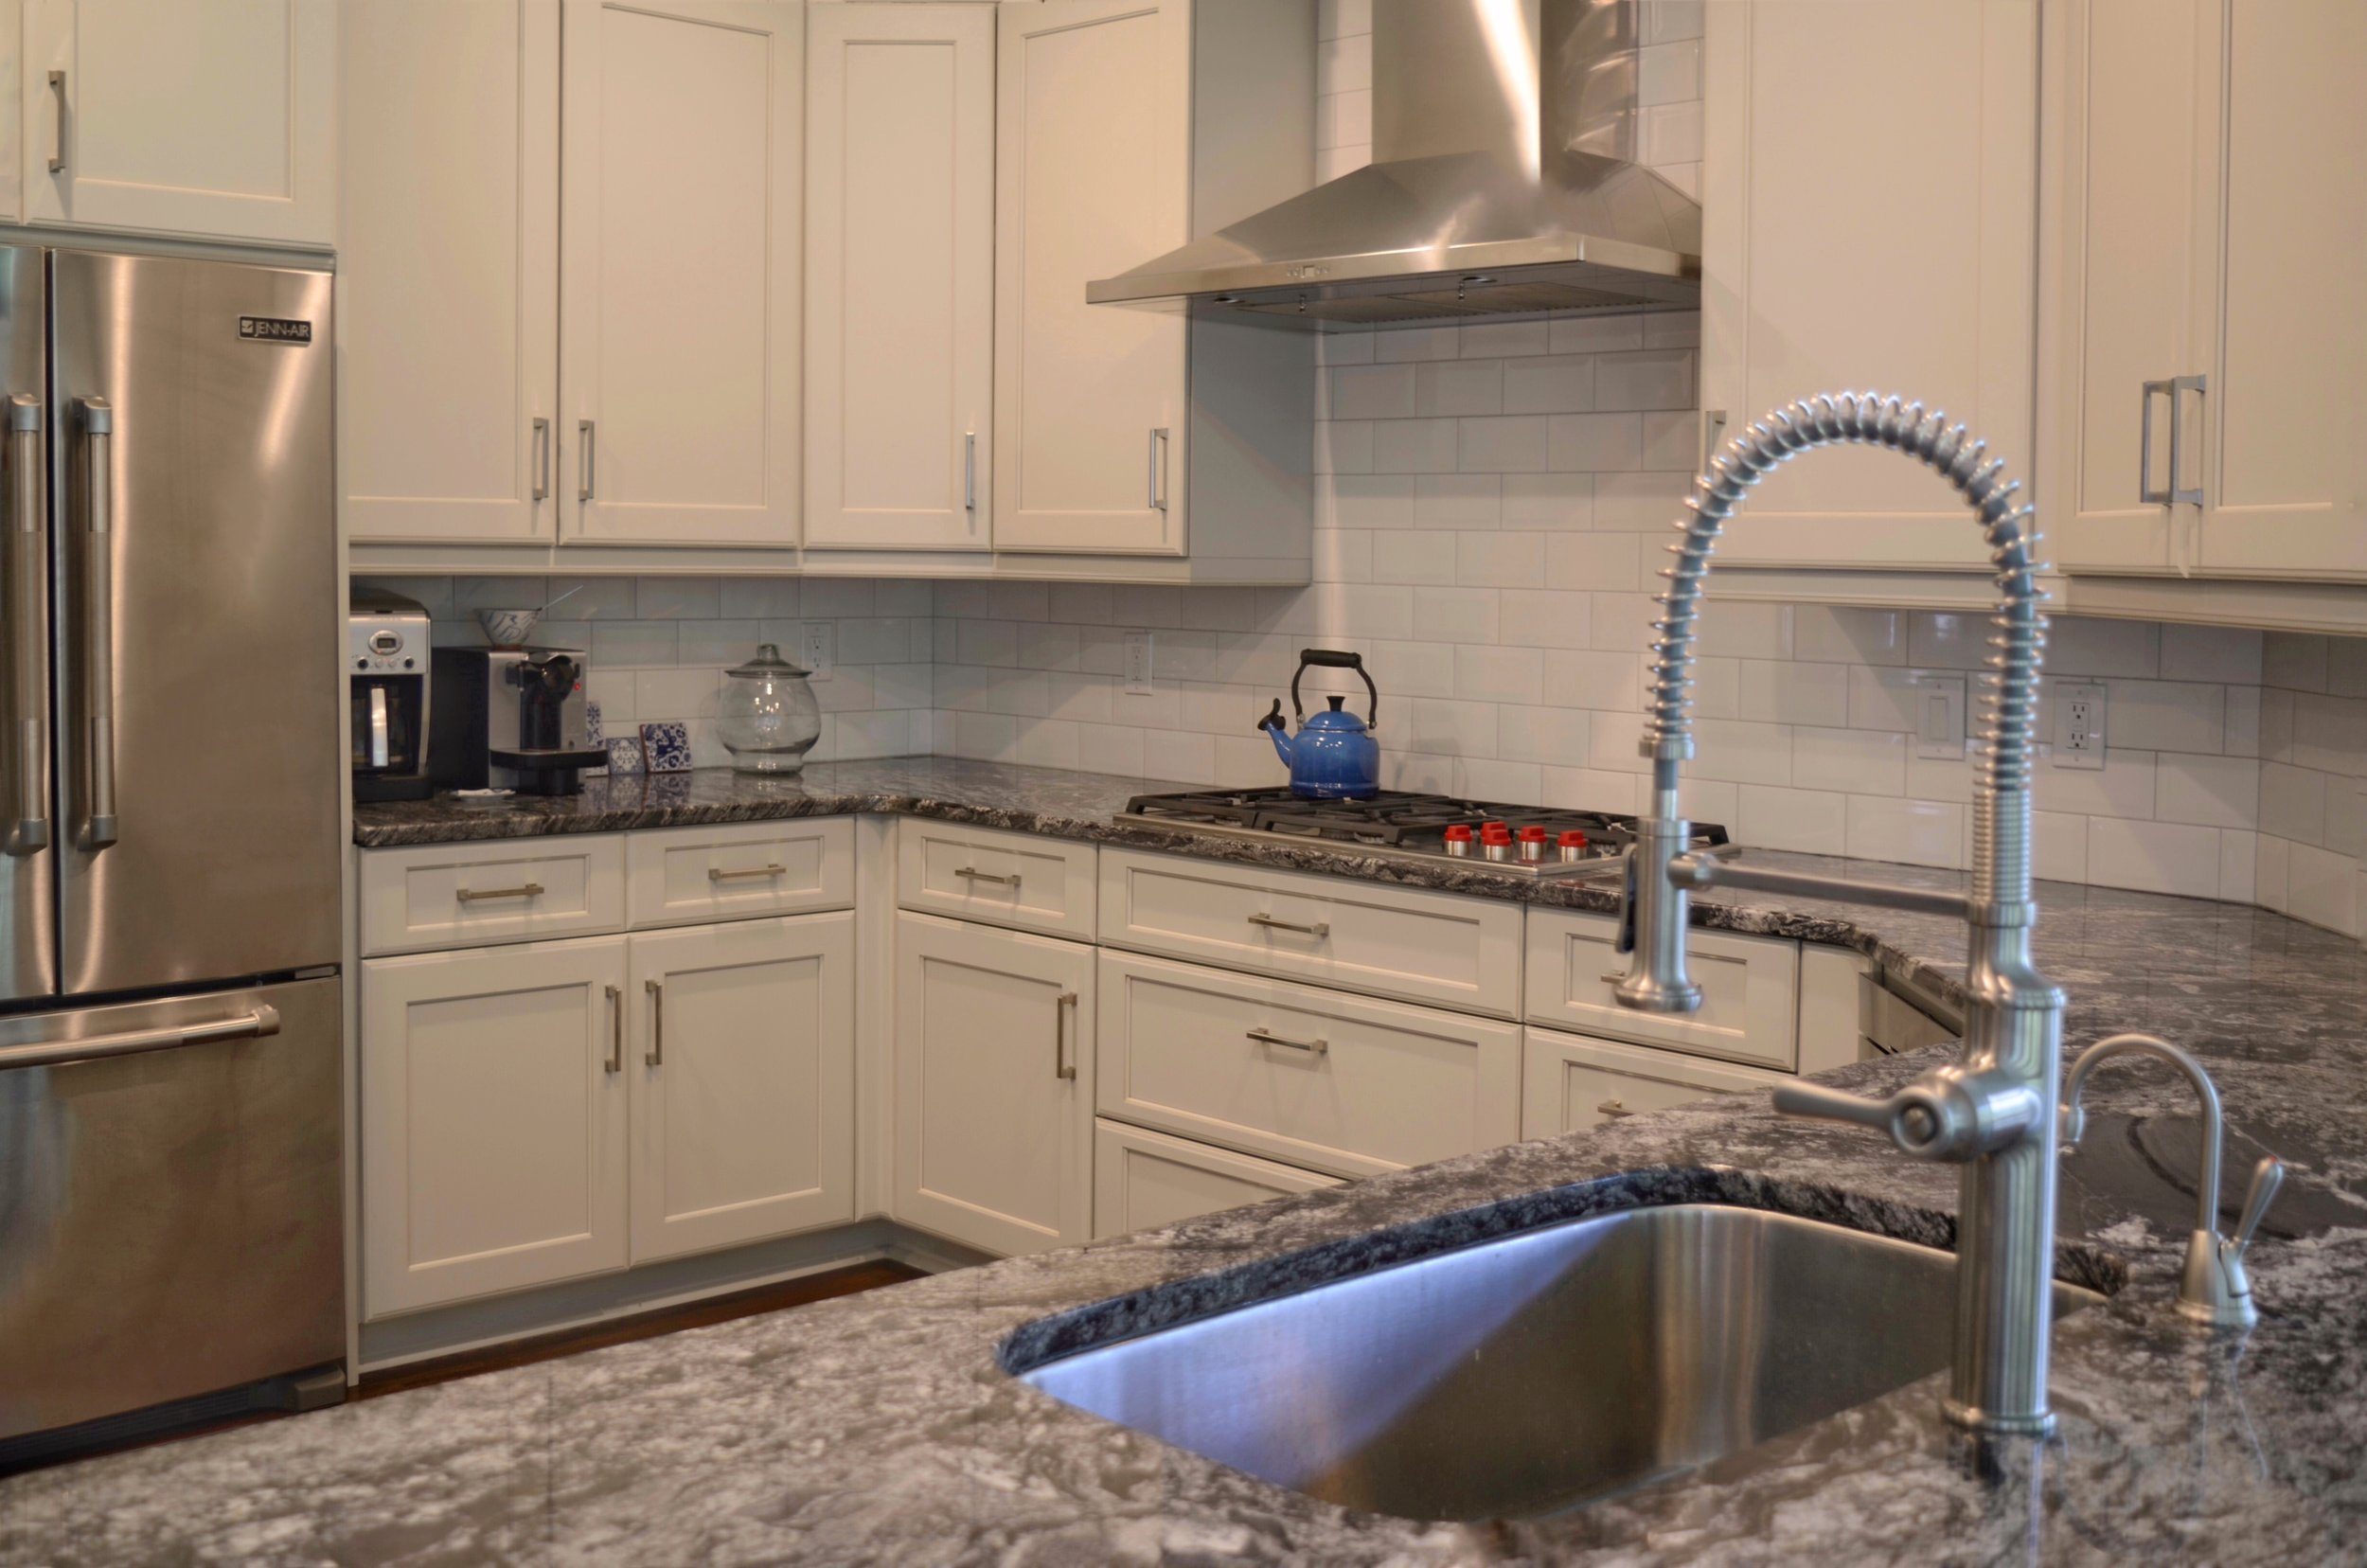 Marietta_30068_Roswell_Kitchen Remodel_CKDRemodeling.jpg